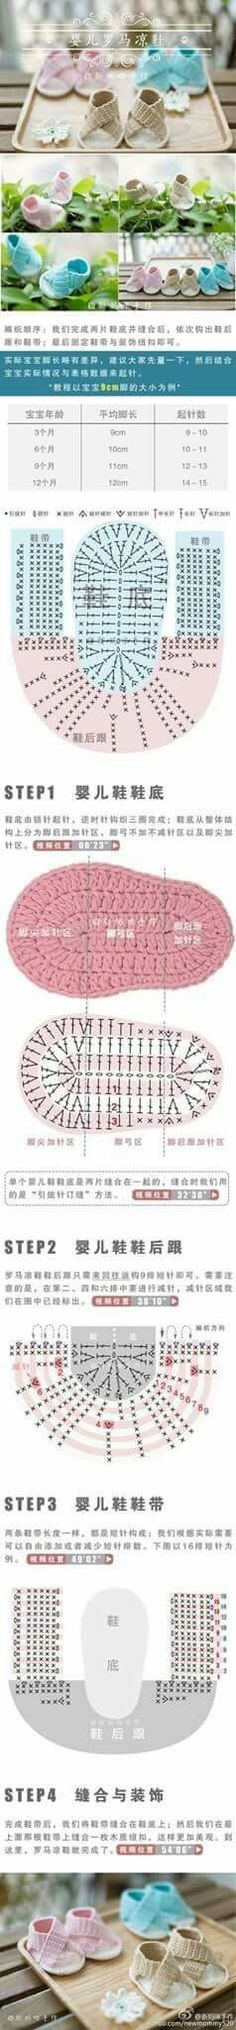 Sandálias de Crochê feitas à mão - /  Crochet Sandals Handmade -